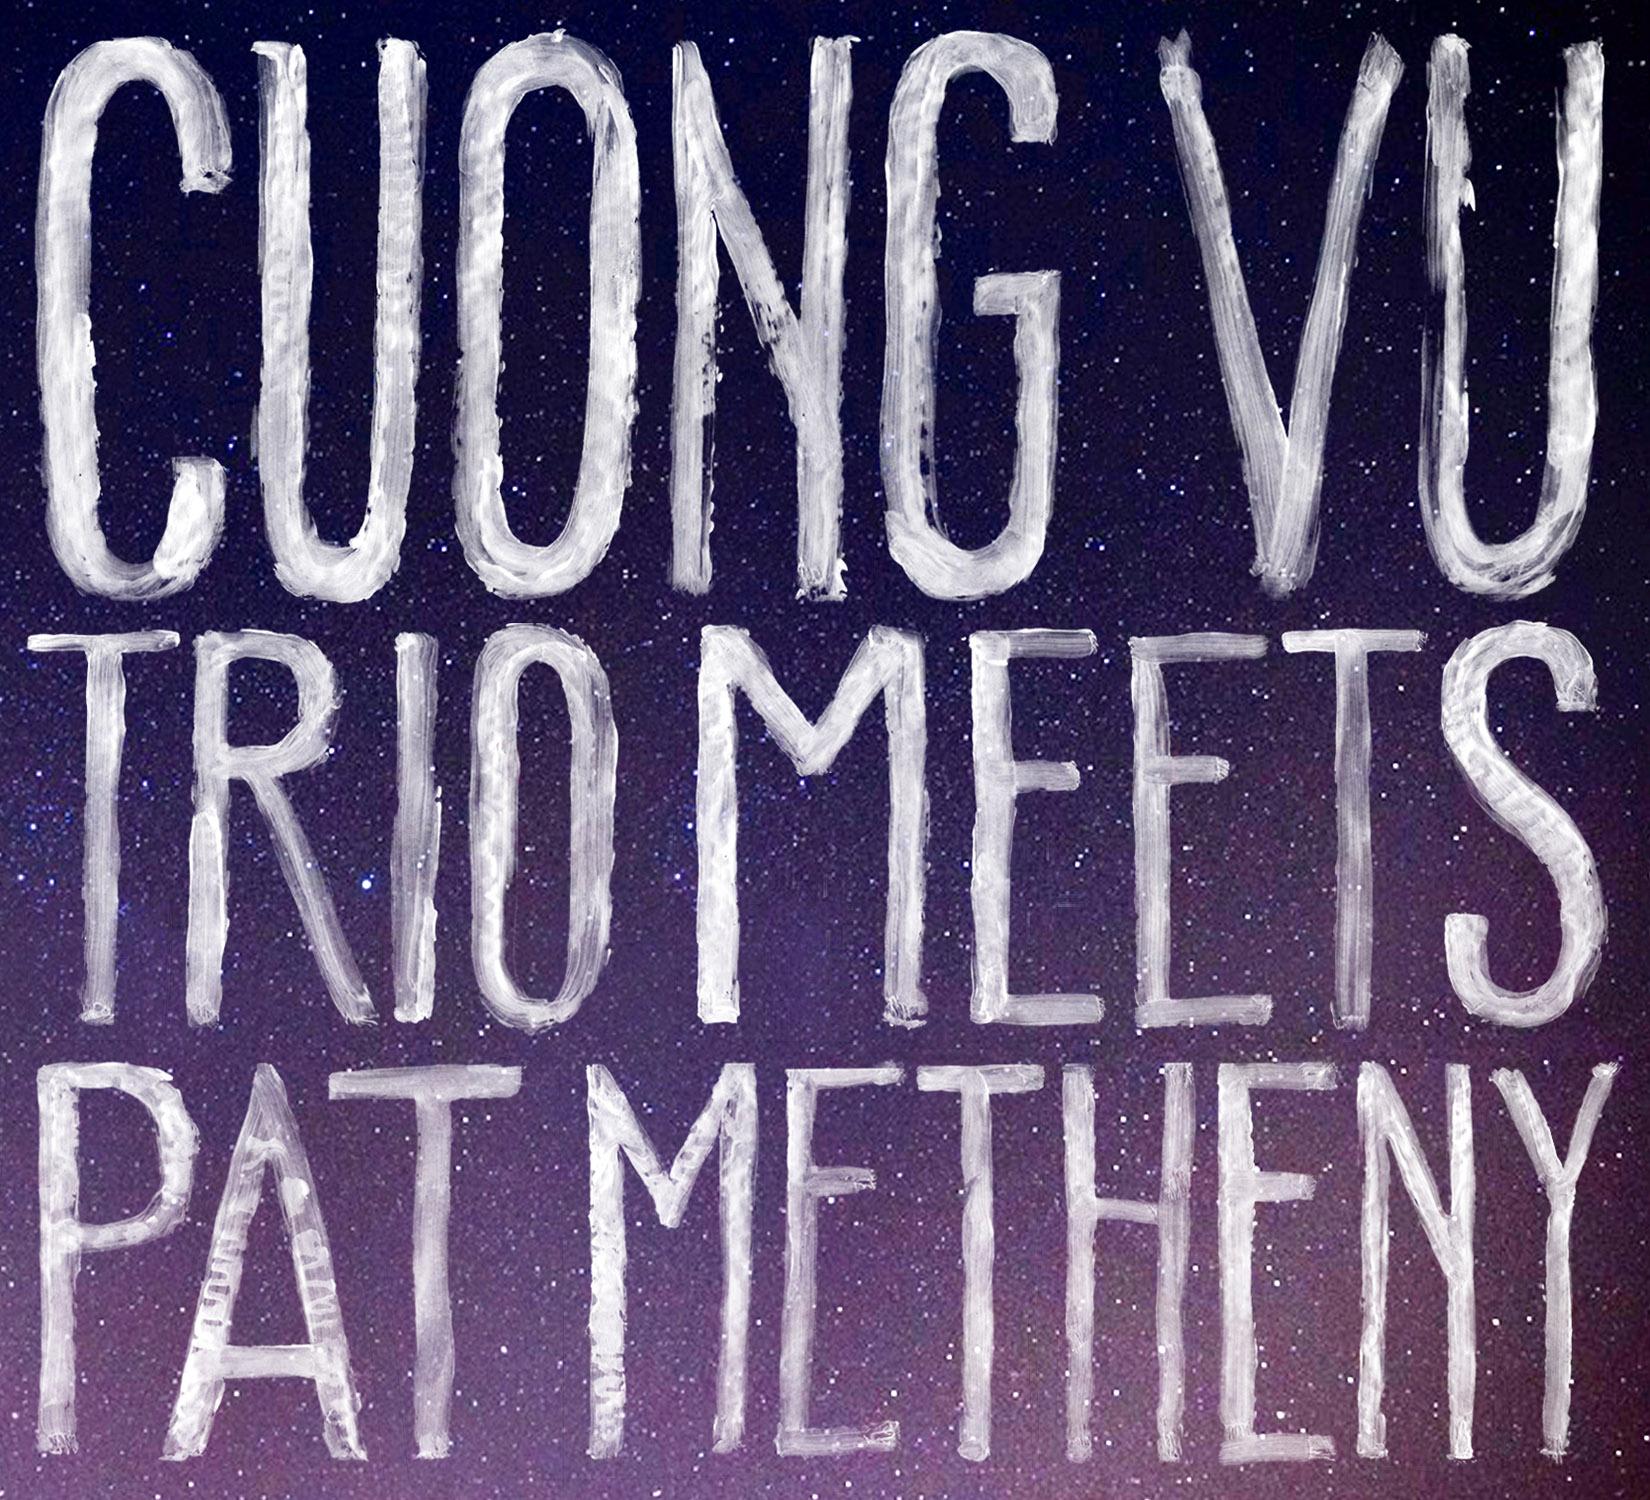 Cuon Vutrio Meets Pat Metheny